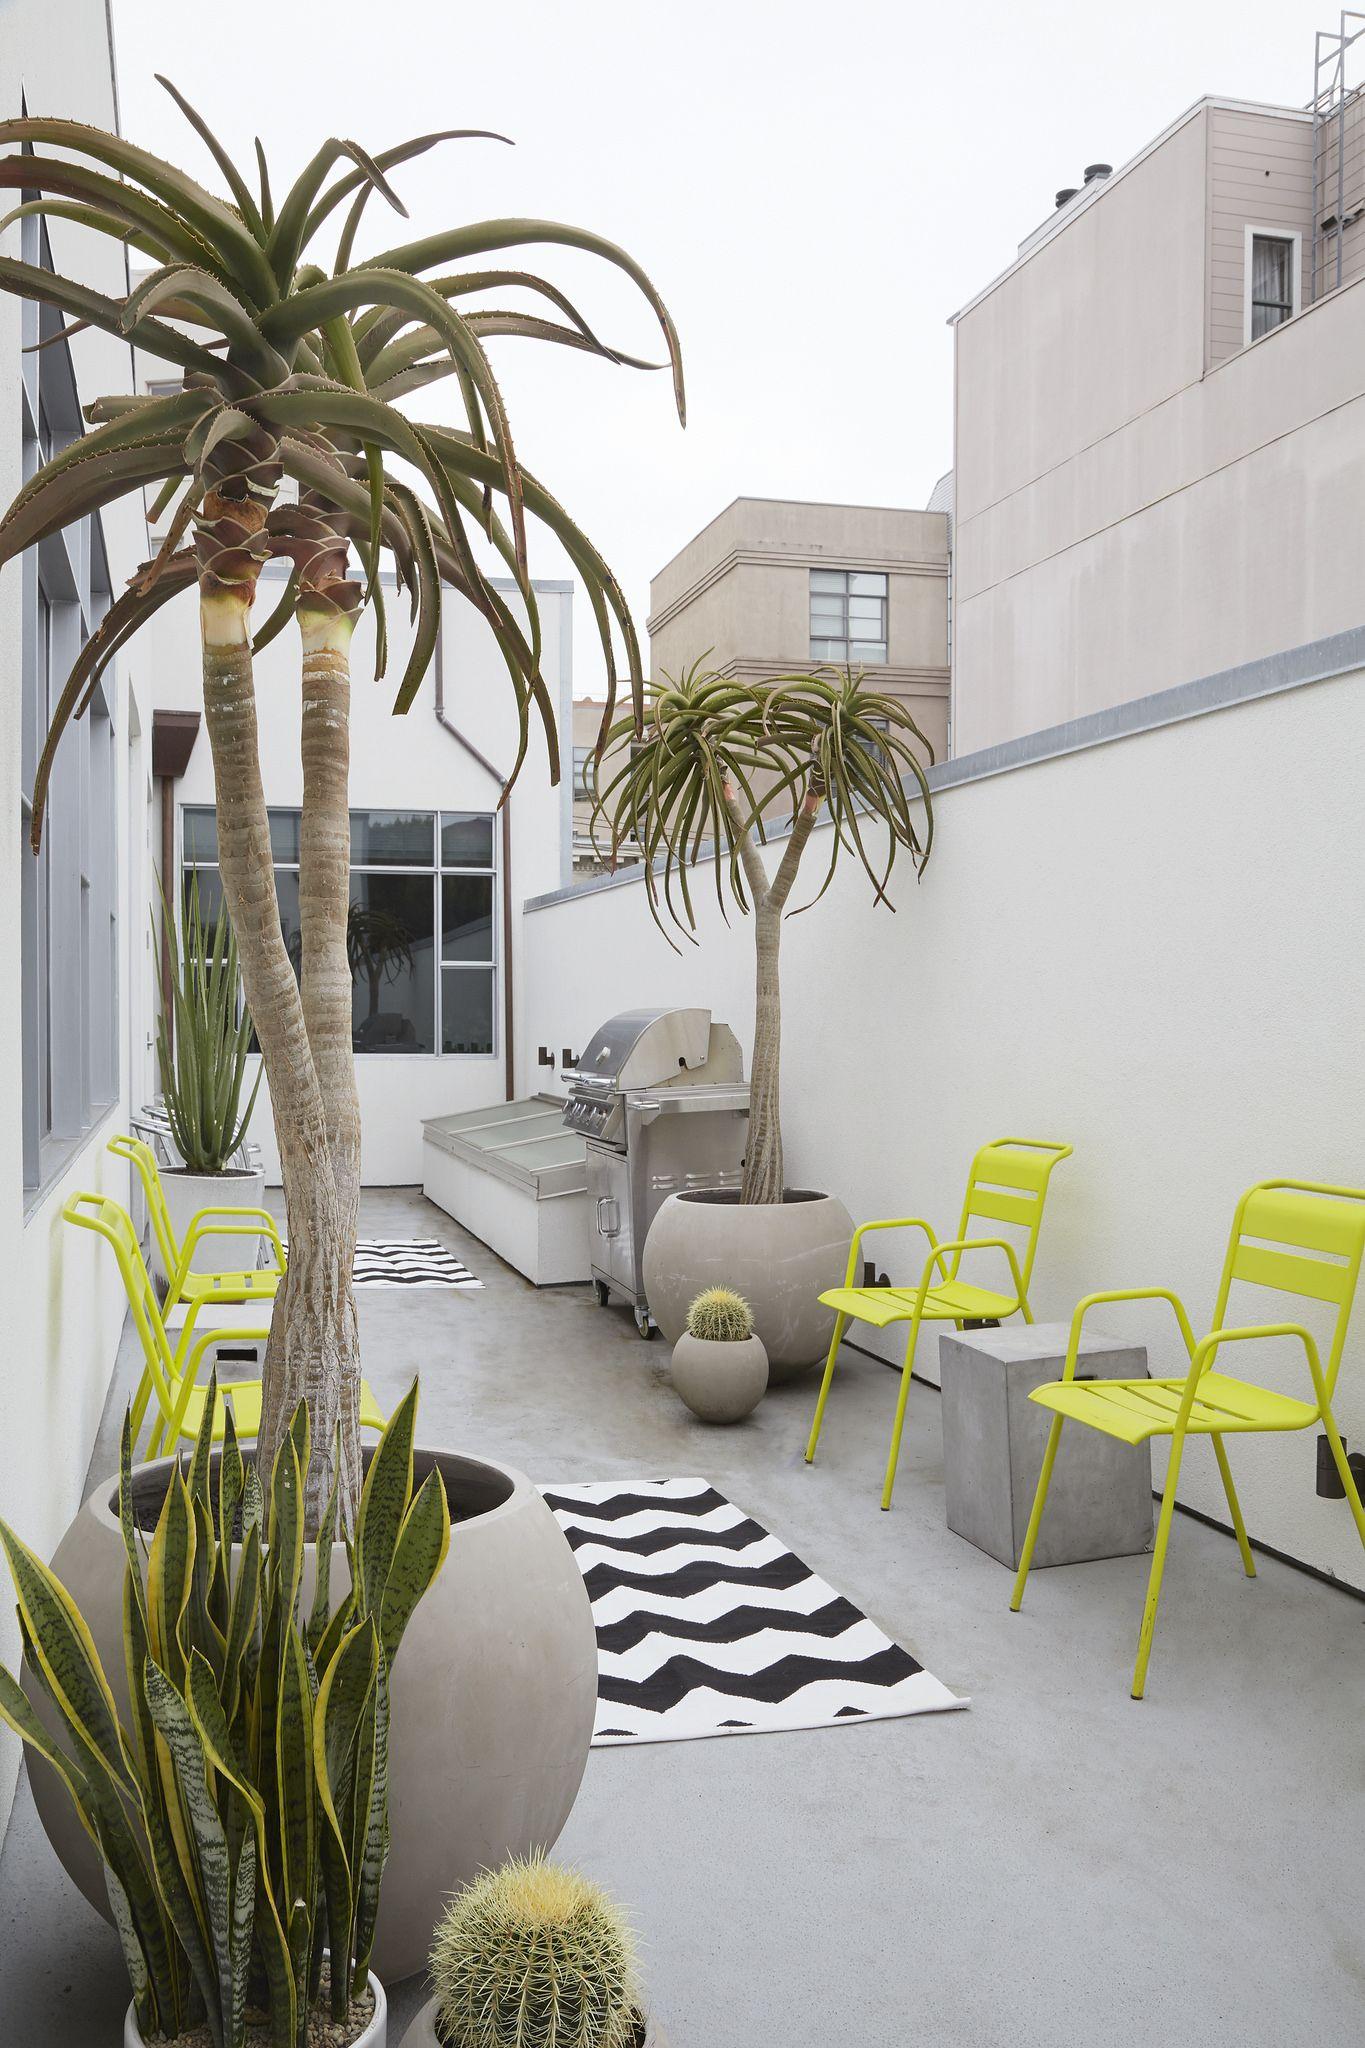 15244049731_571f4d50a7_k | Modern Garden | Pinterest